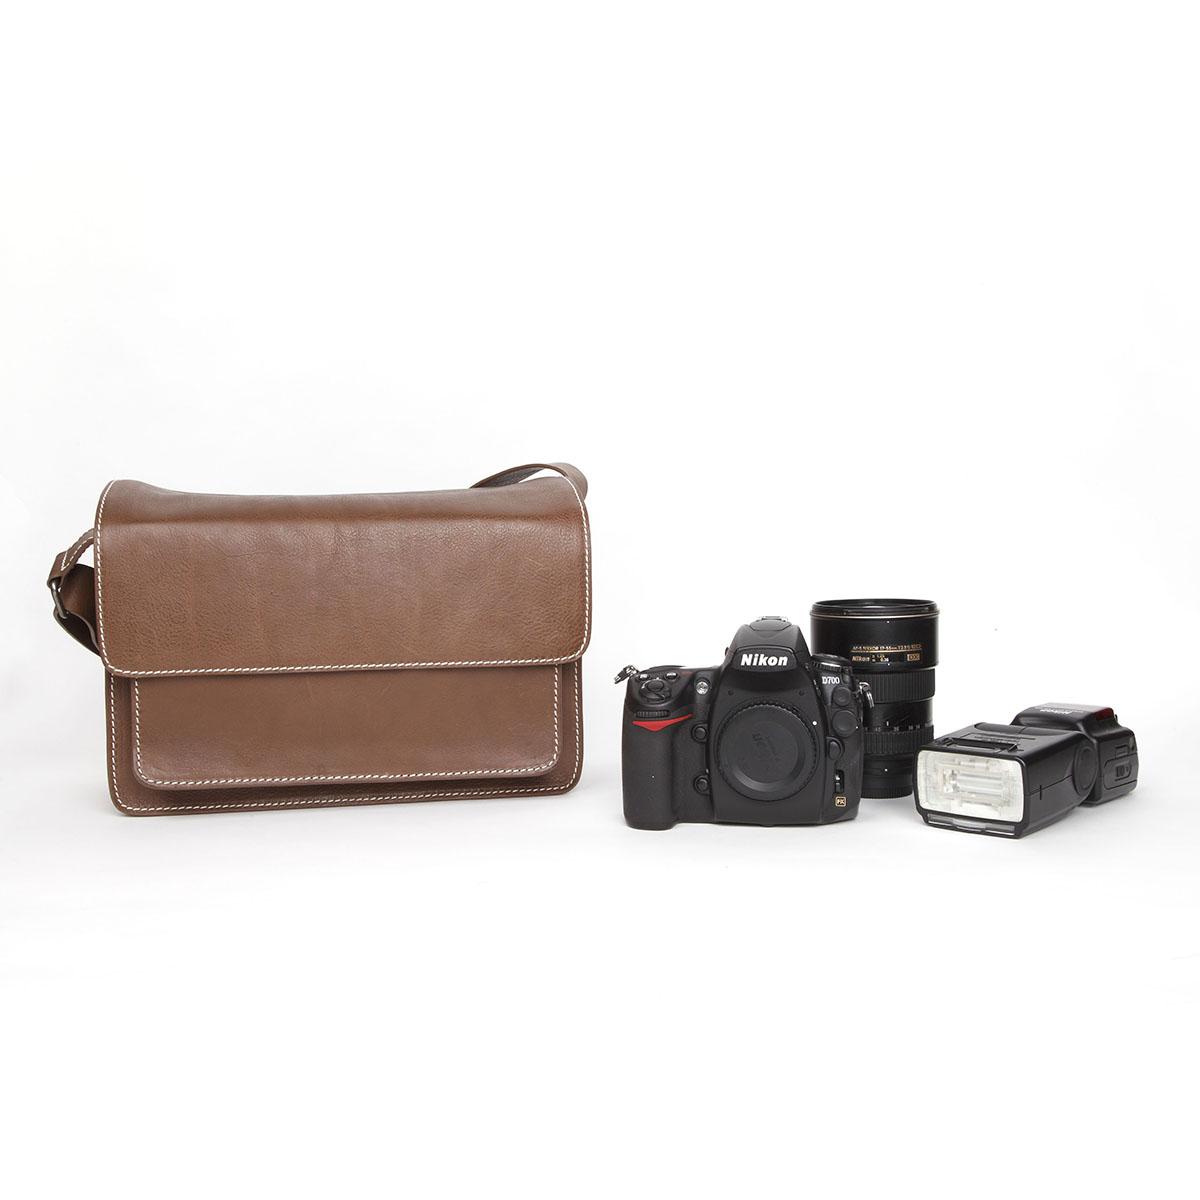 cam-in 真皮单肩单反数码相机包 复古牛皮摄影包 中号 PP061